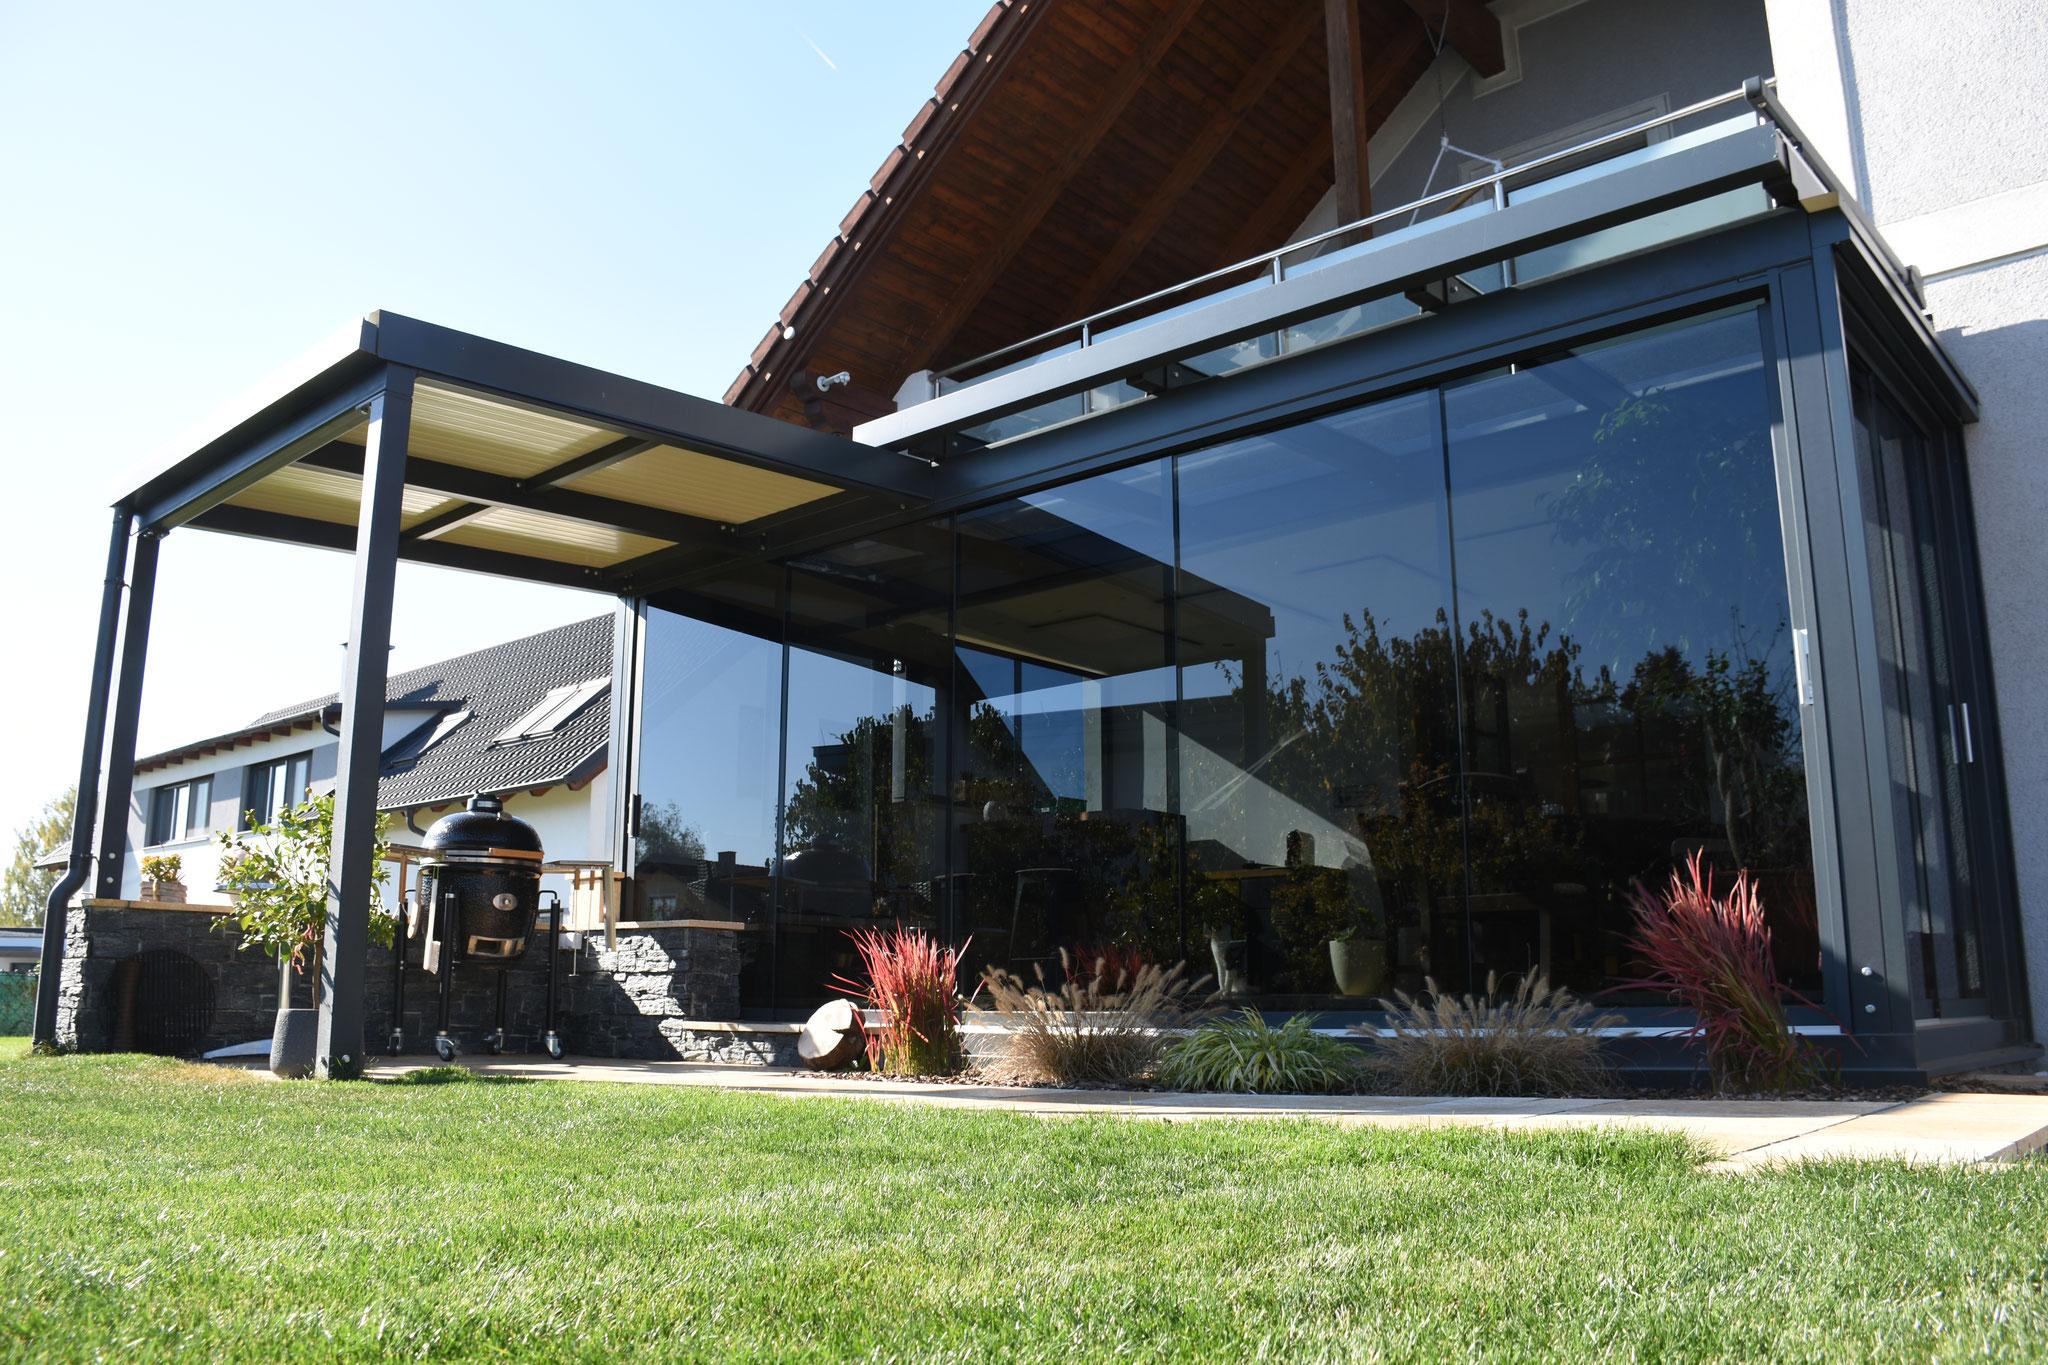 Terrassenuberdachung Glas Sonnenschutz Terrasse Terrassendach Alu